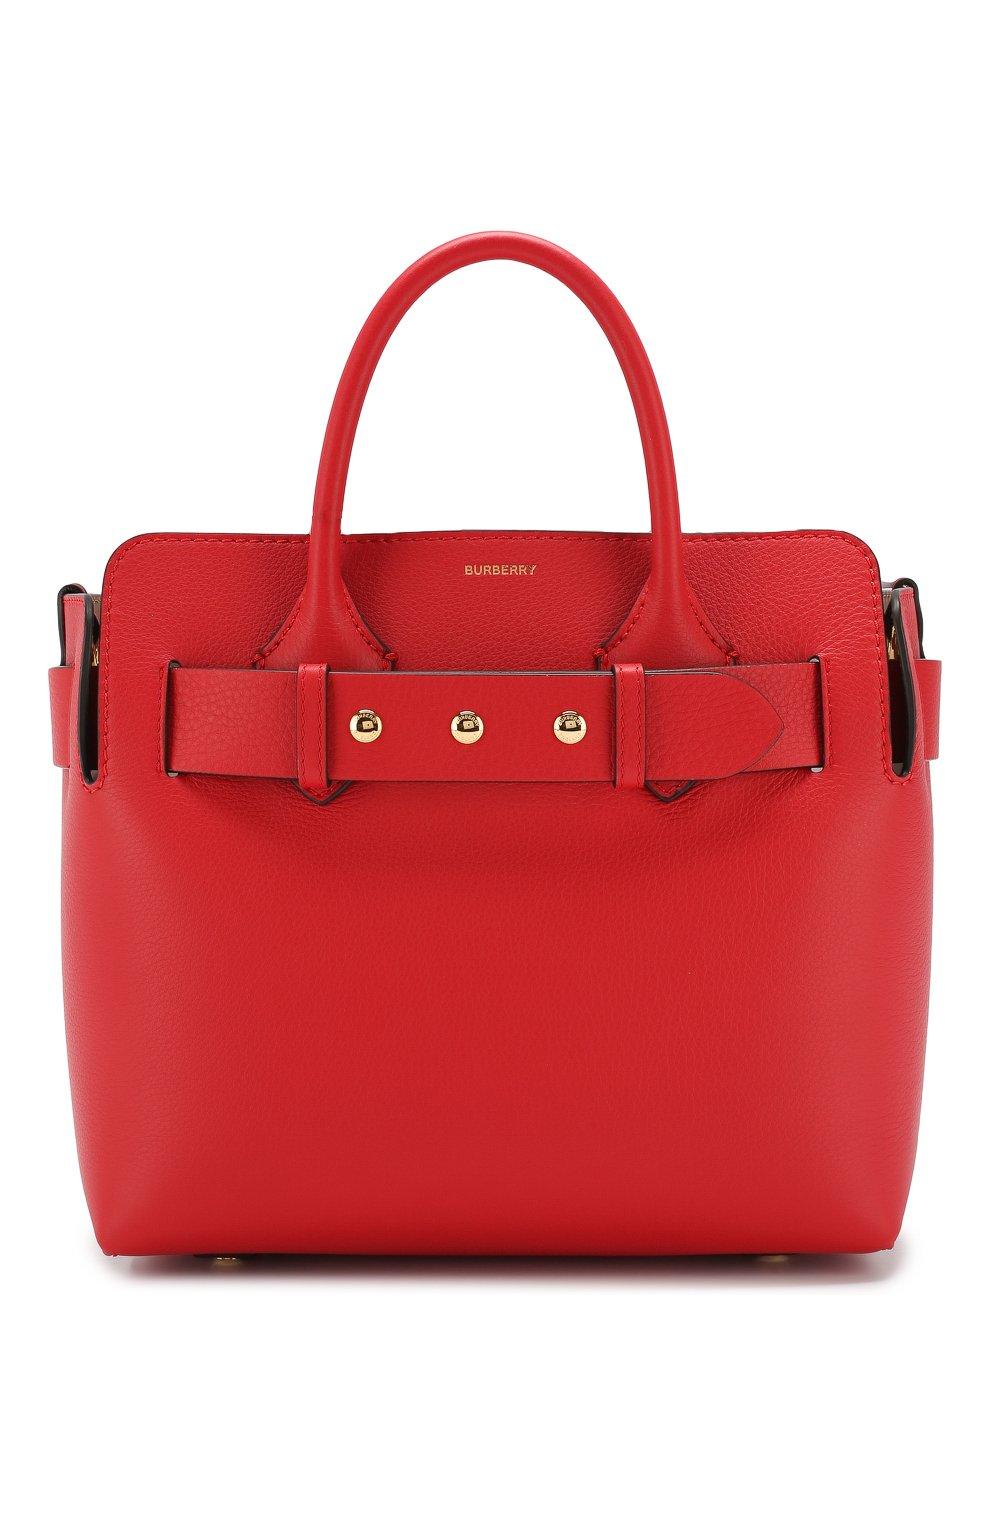 b0ccb148fa43 Сумки DKNY купить в интернет-магазине ЦУМ - товар распродан